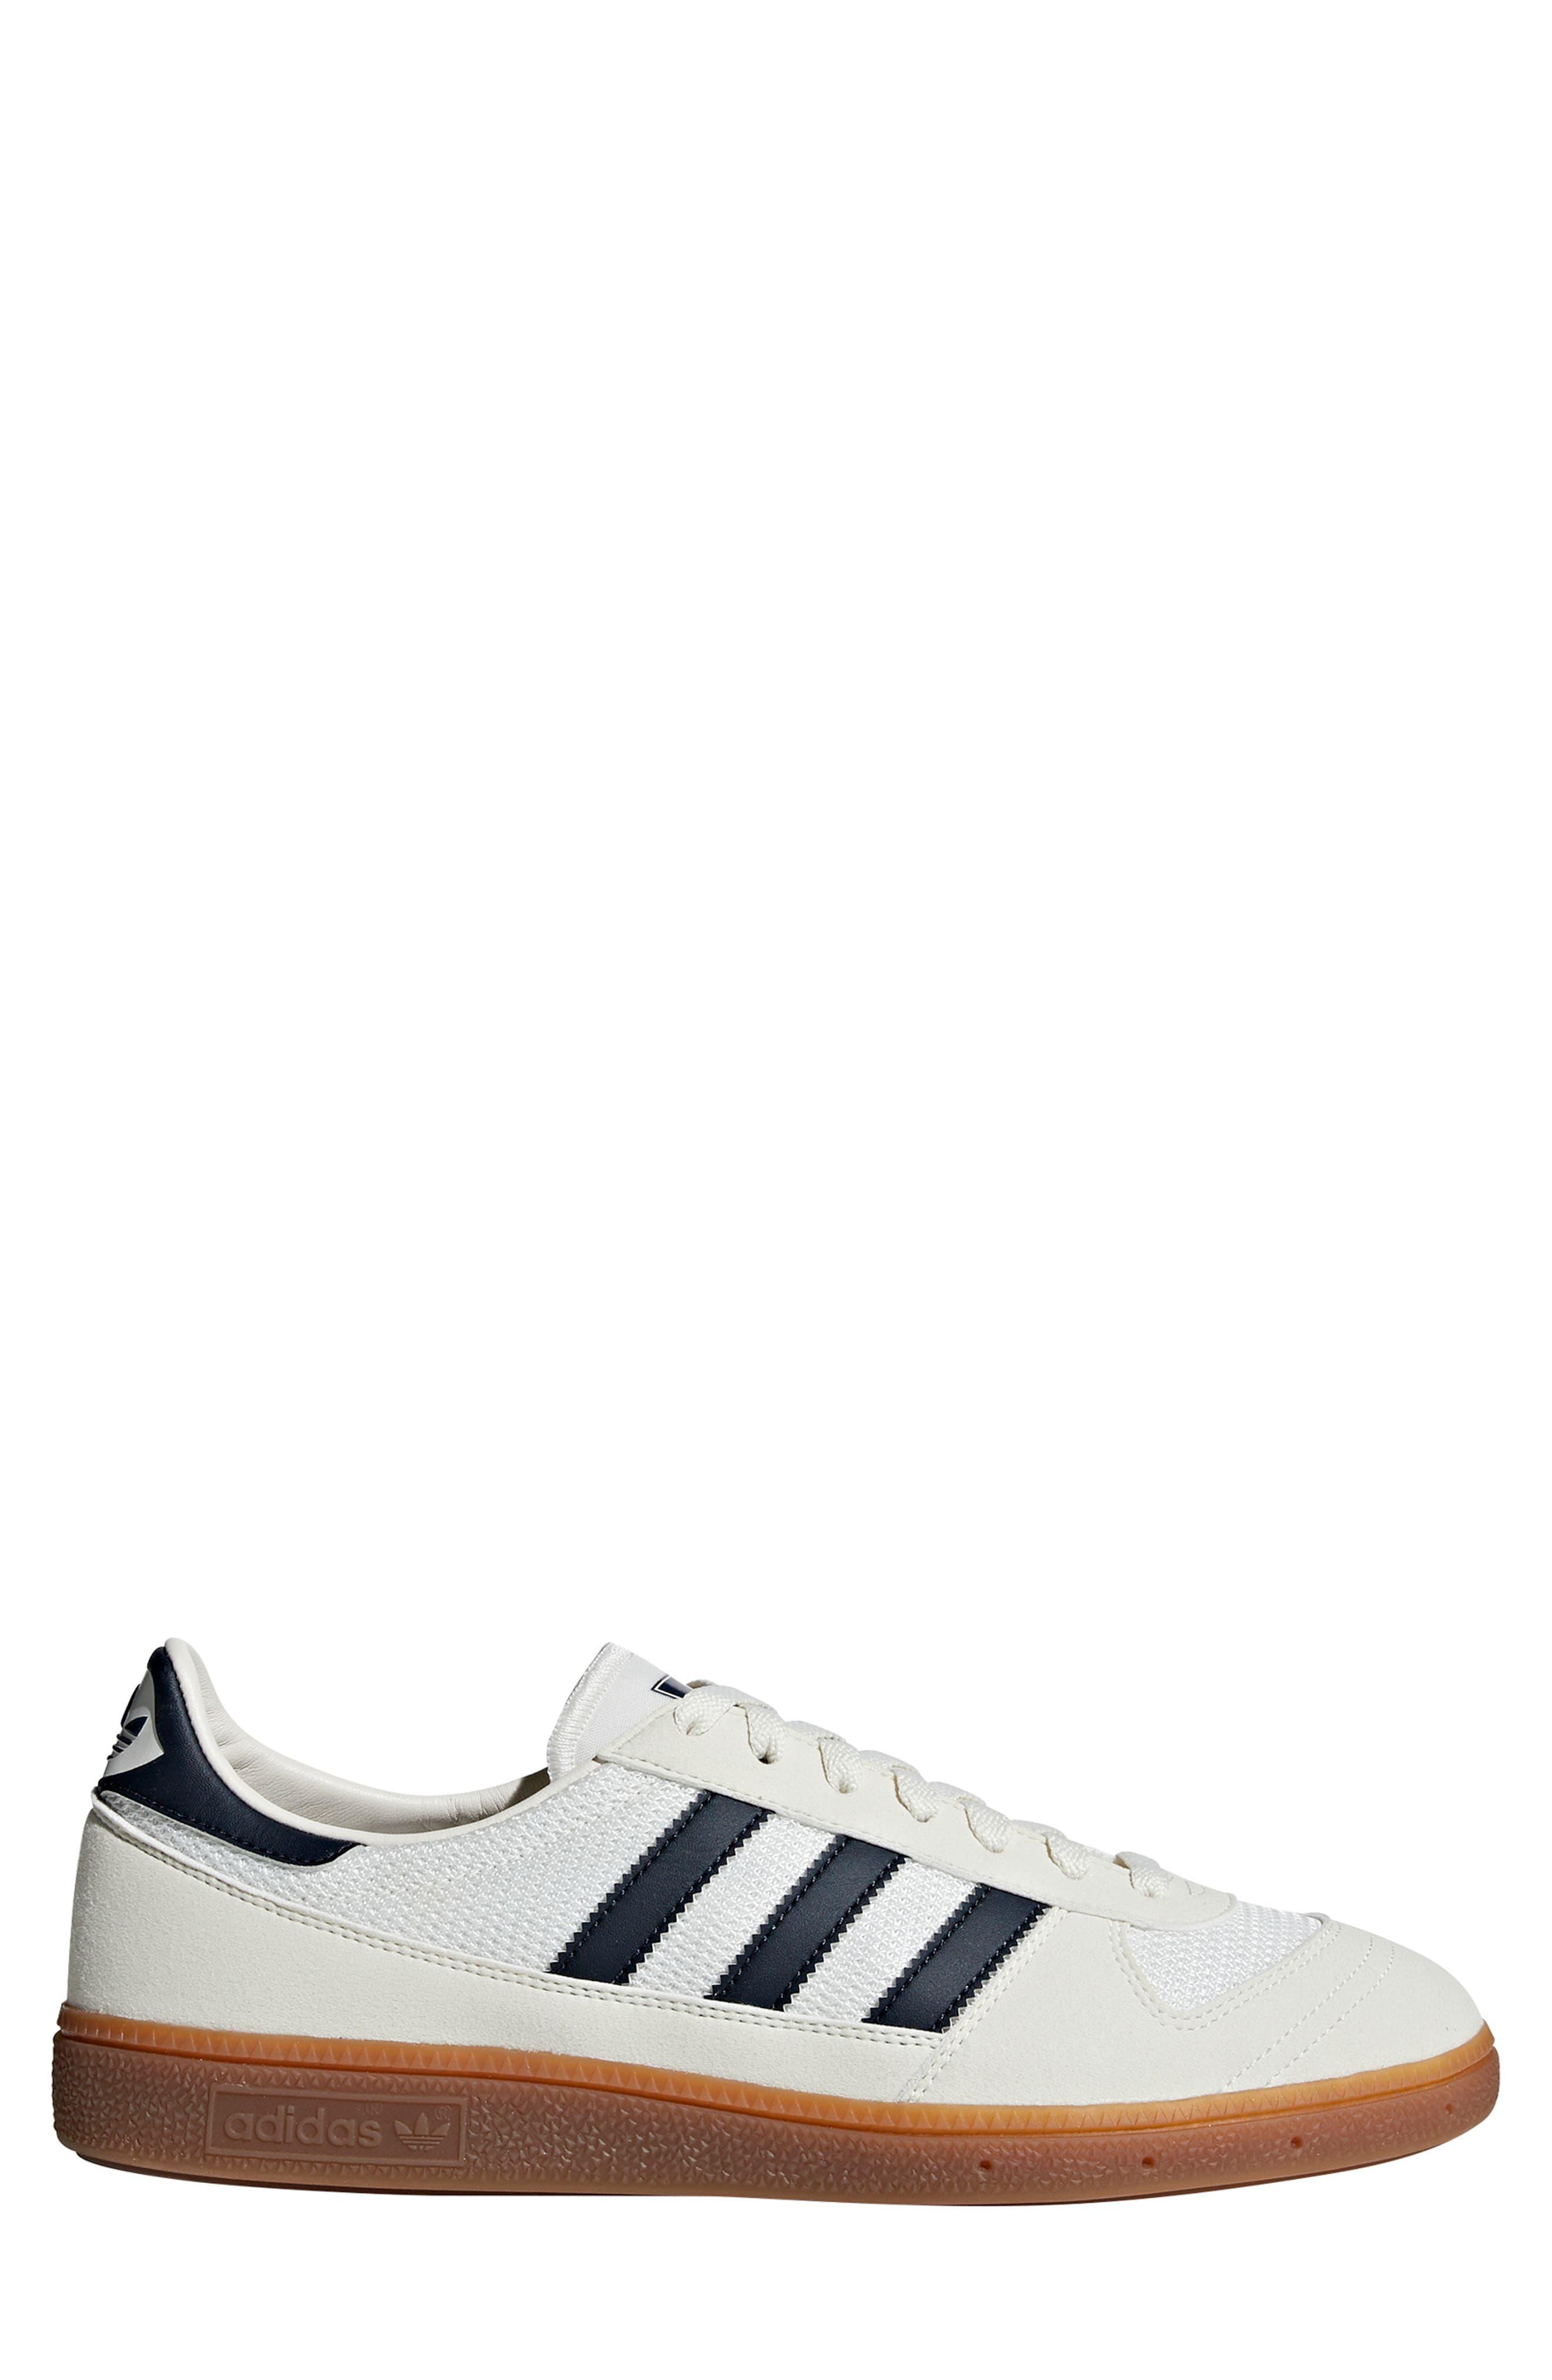 Wilsy SPZL Sneaker,                             Alternate thumbnail 3, color,                             OFF WHITE/ NIGHT NAVY